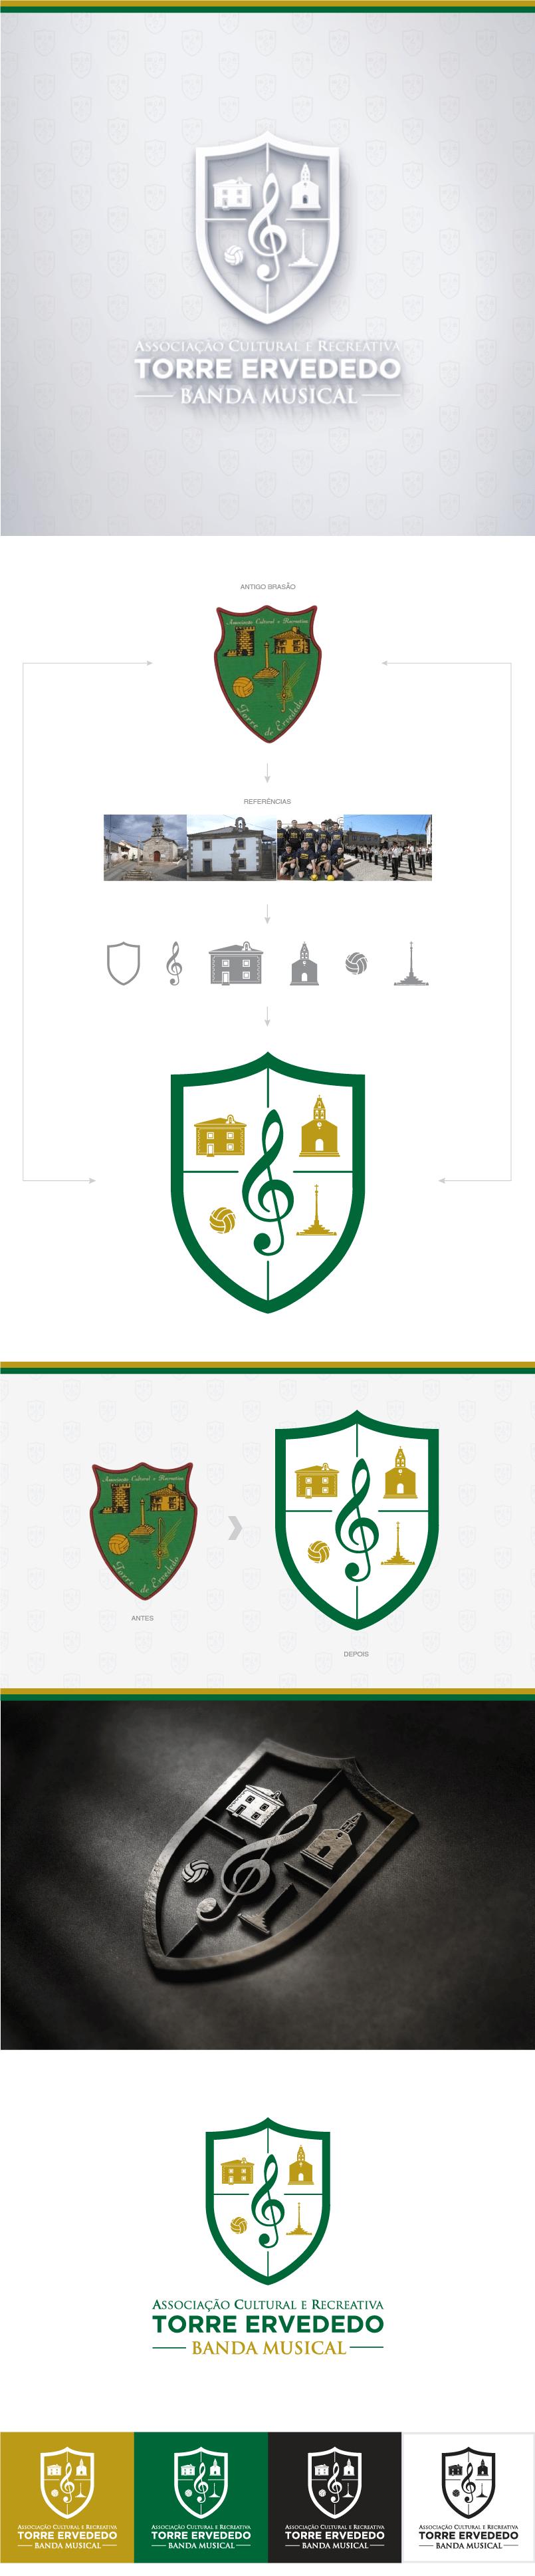 Associação Cultural Recreativa - Torre Ervededo - Logotipo